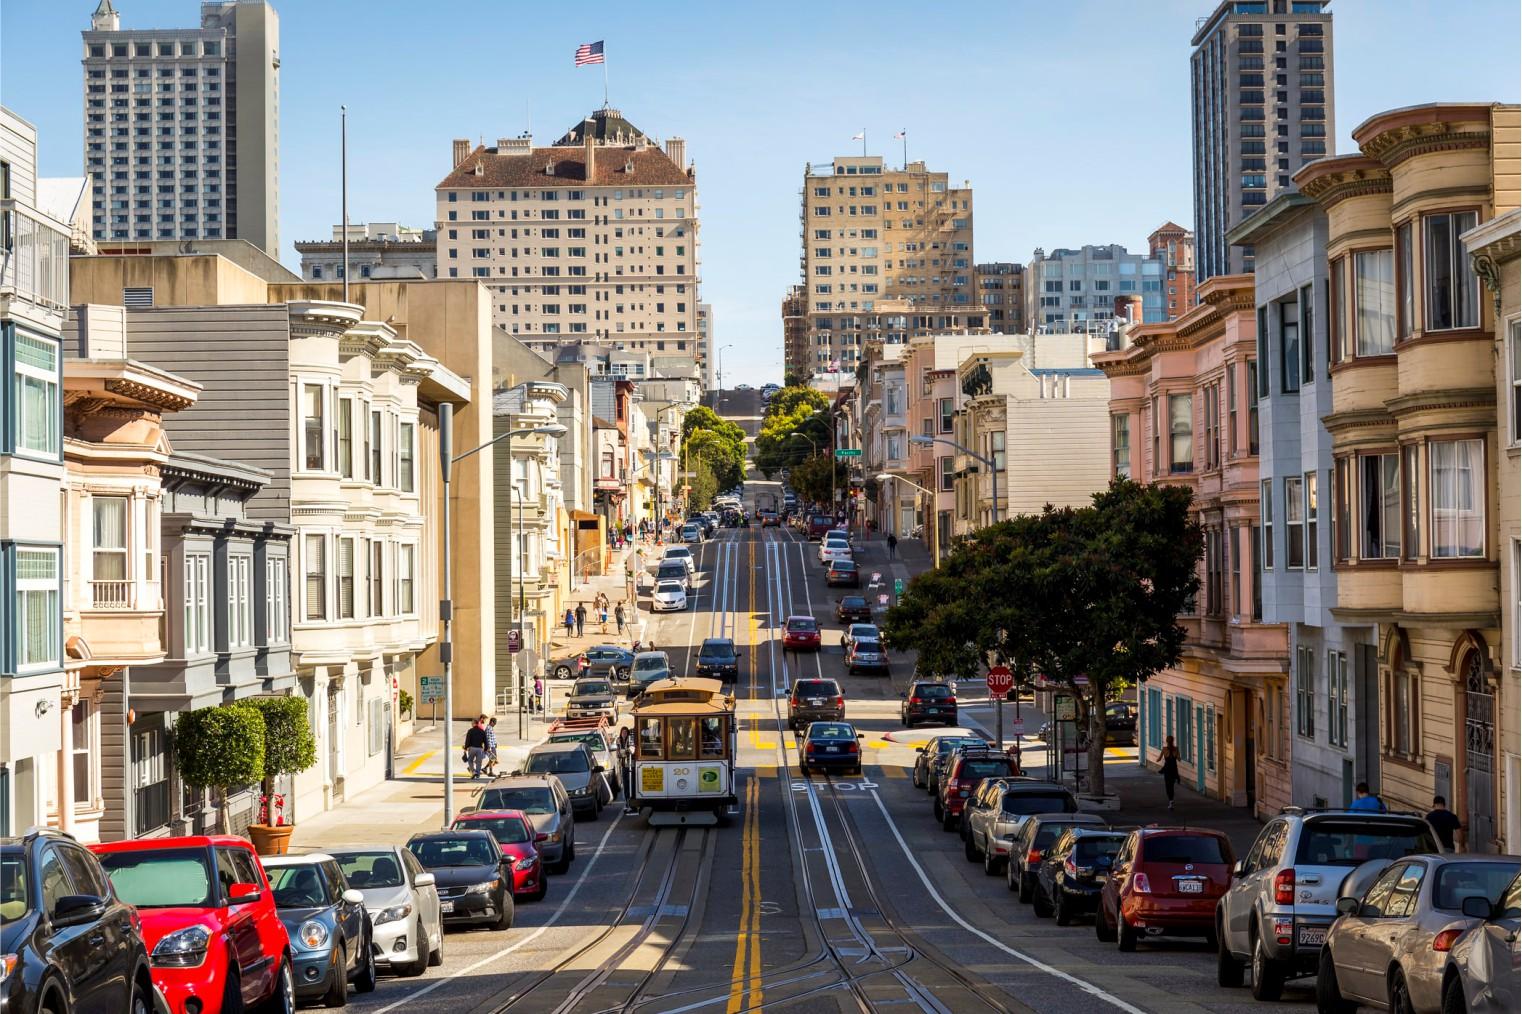 San Francisco. Travel. Сан-Франциско. Туризм